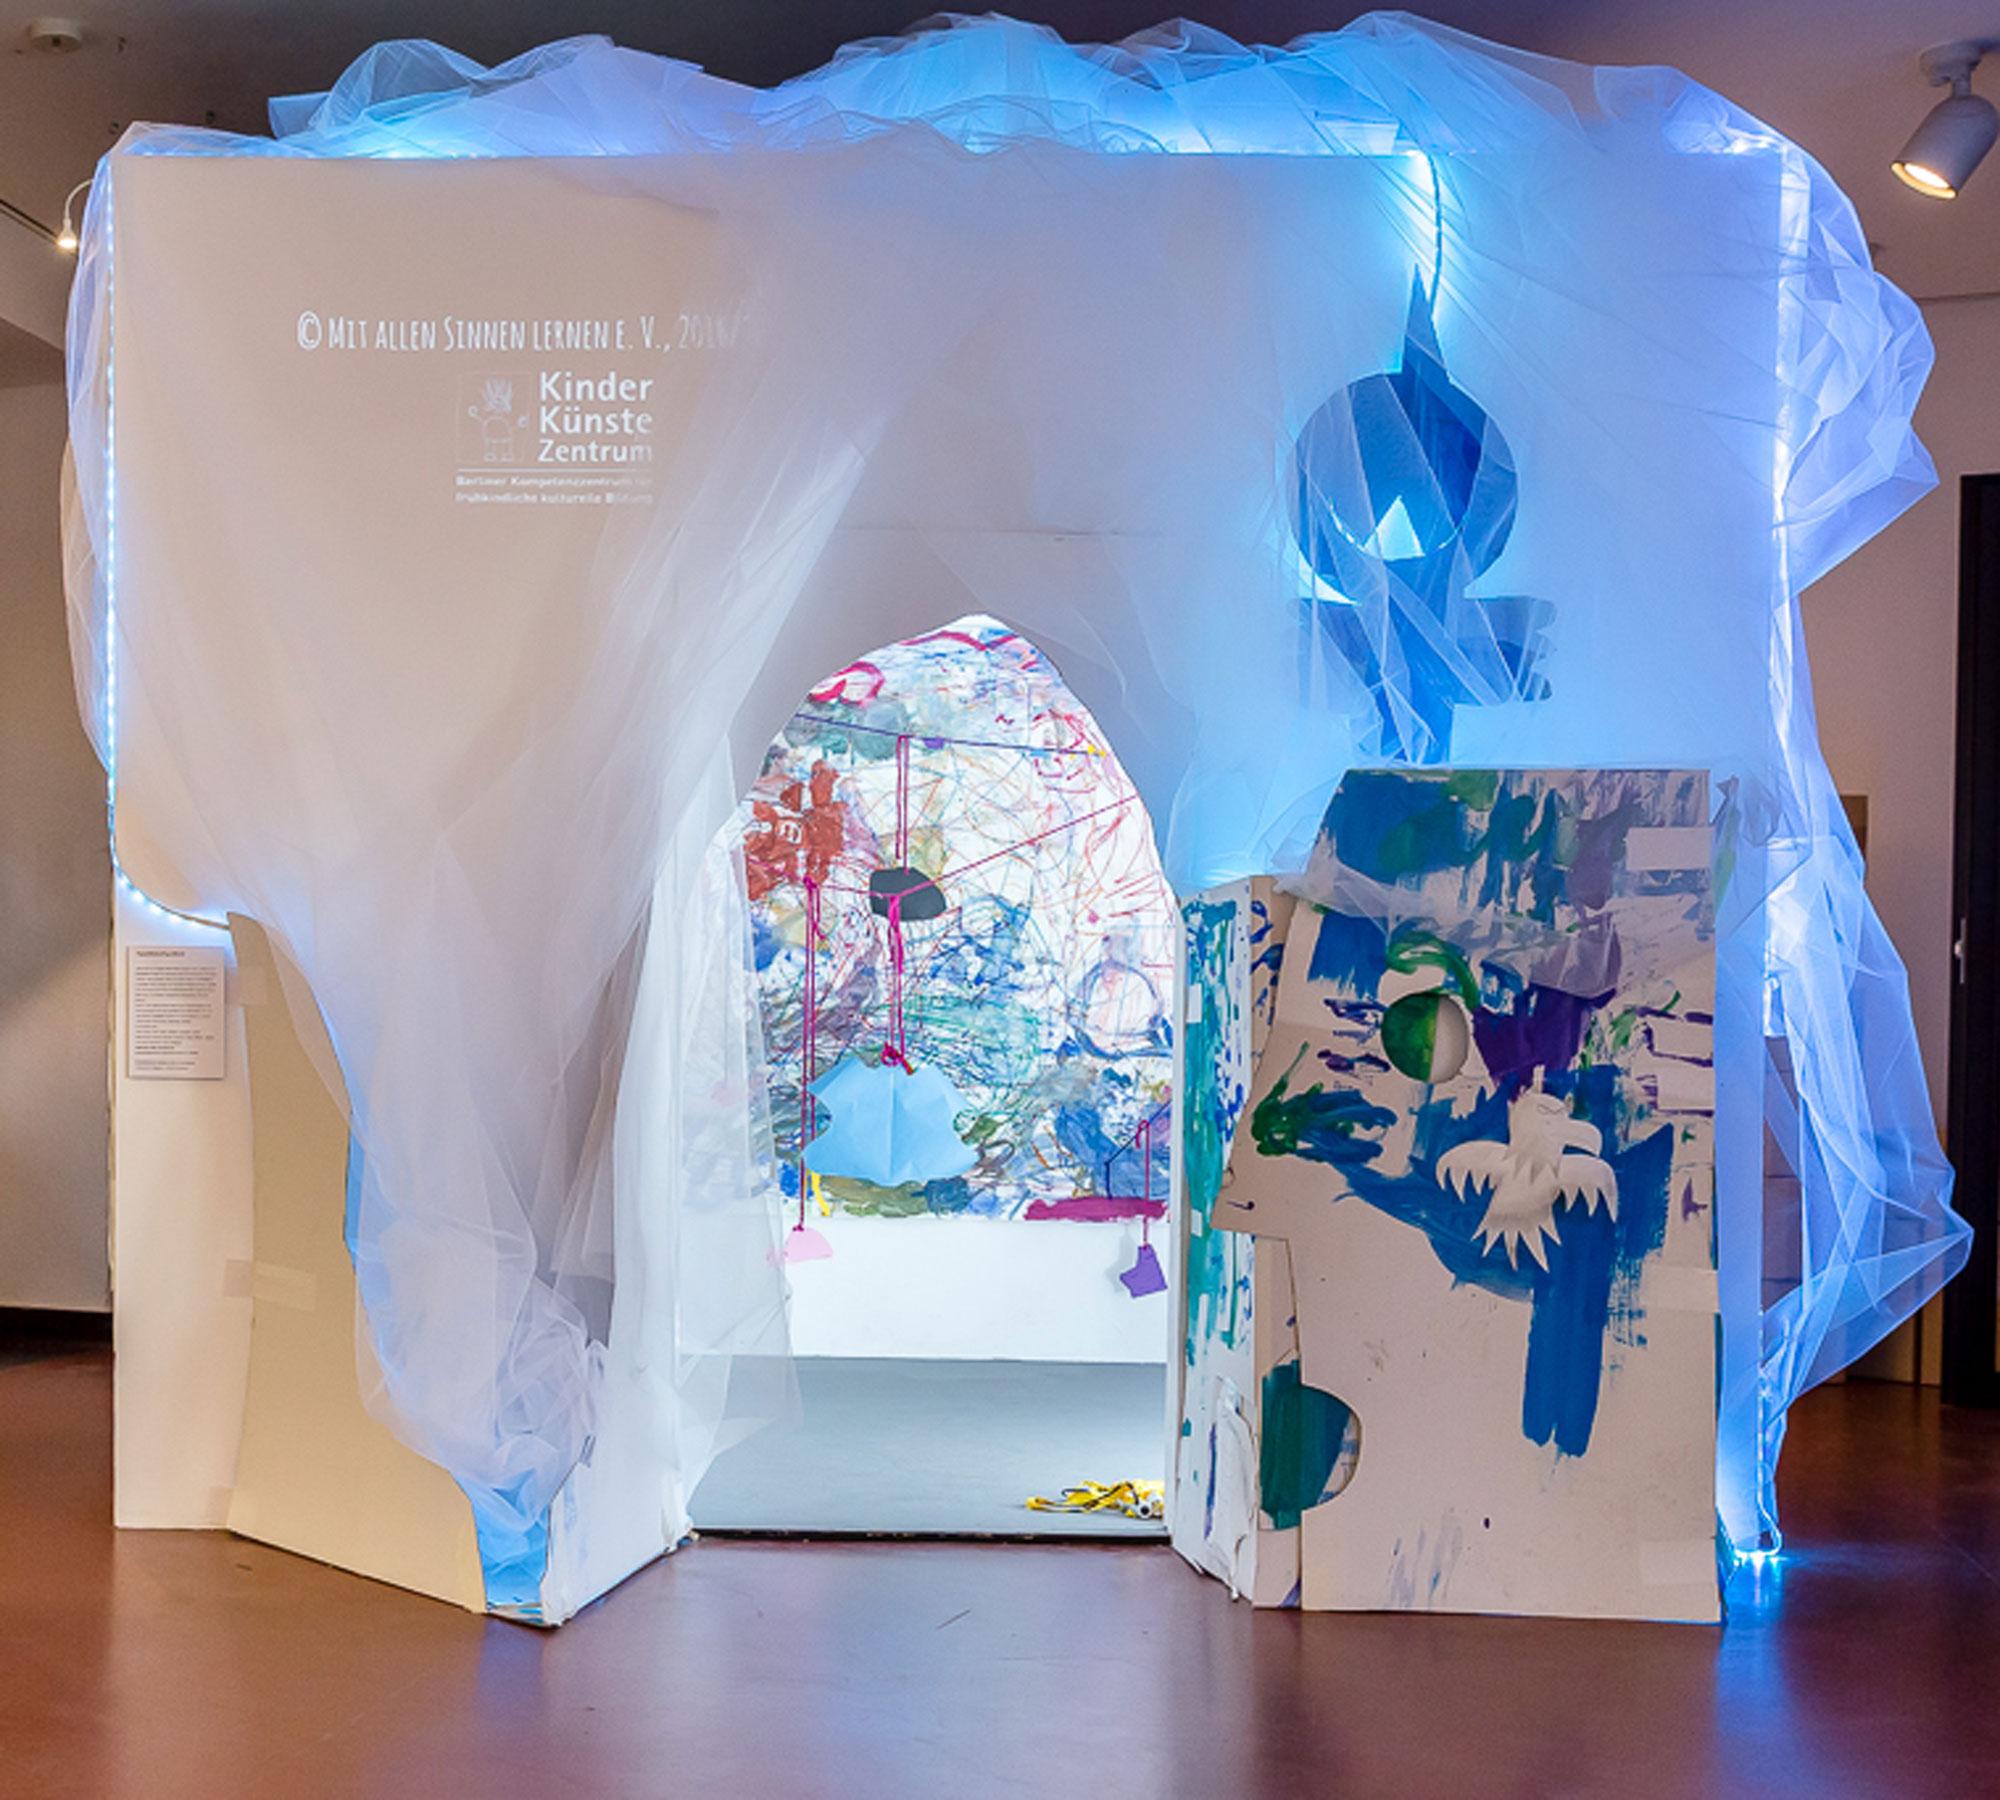 Ausstellung für Kinder in Berlin: RaumErfinder im KinderKünsteZentrum Berlin | HIMBEER Magazin